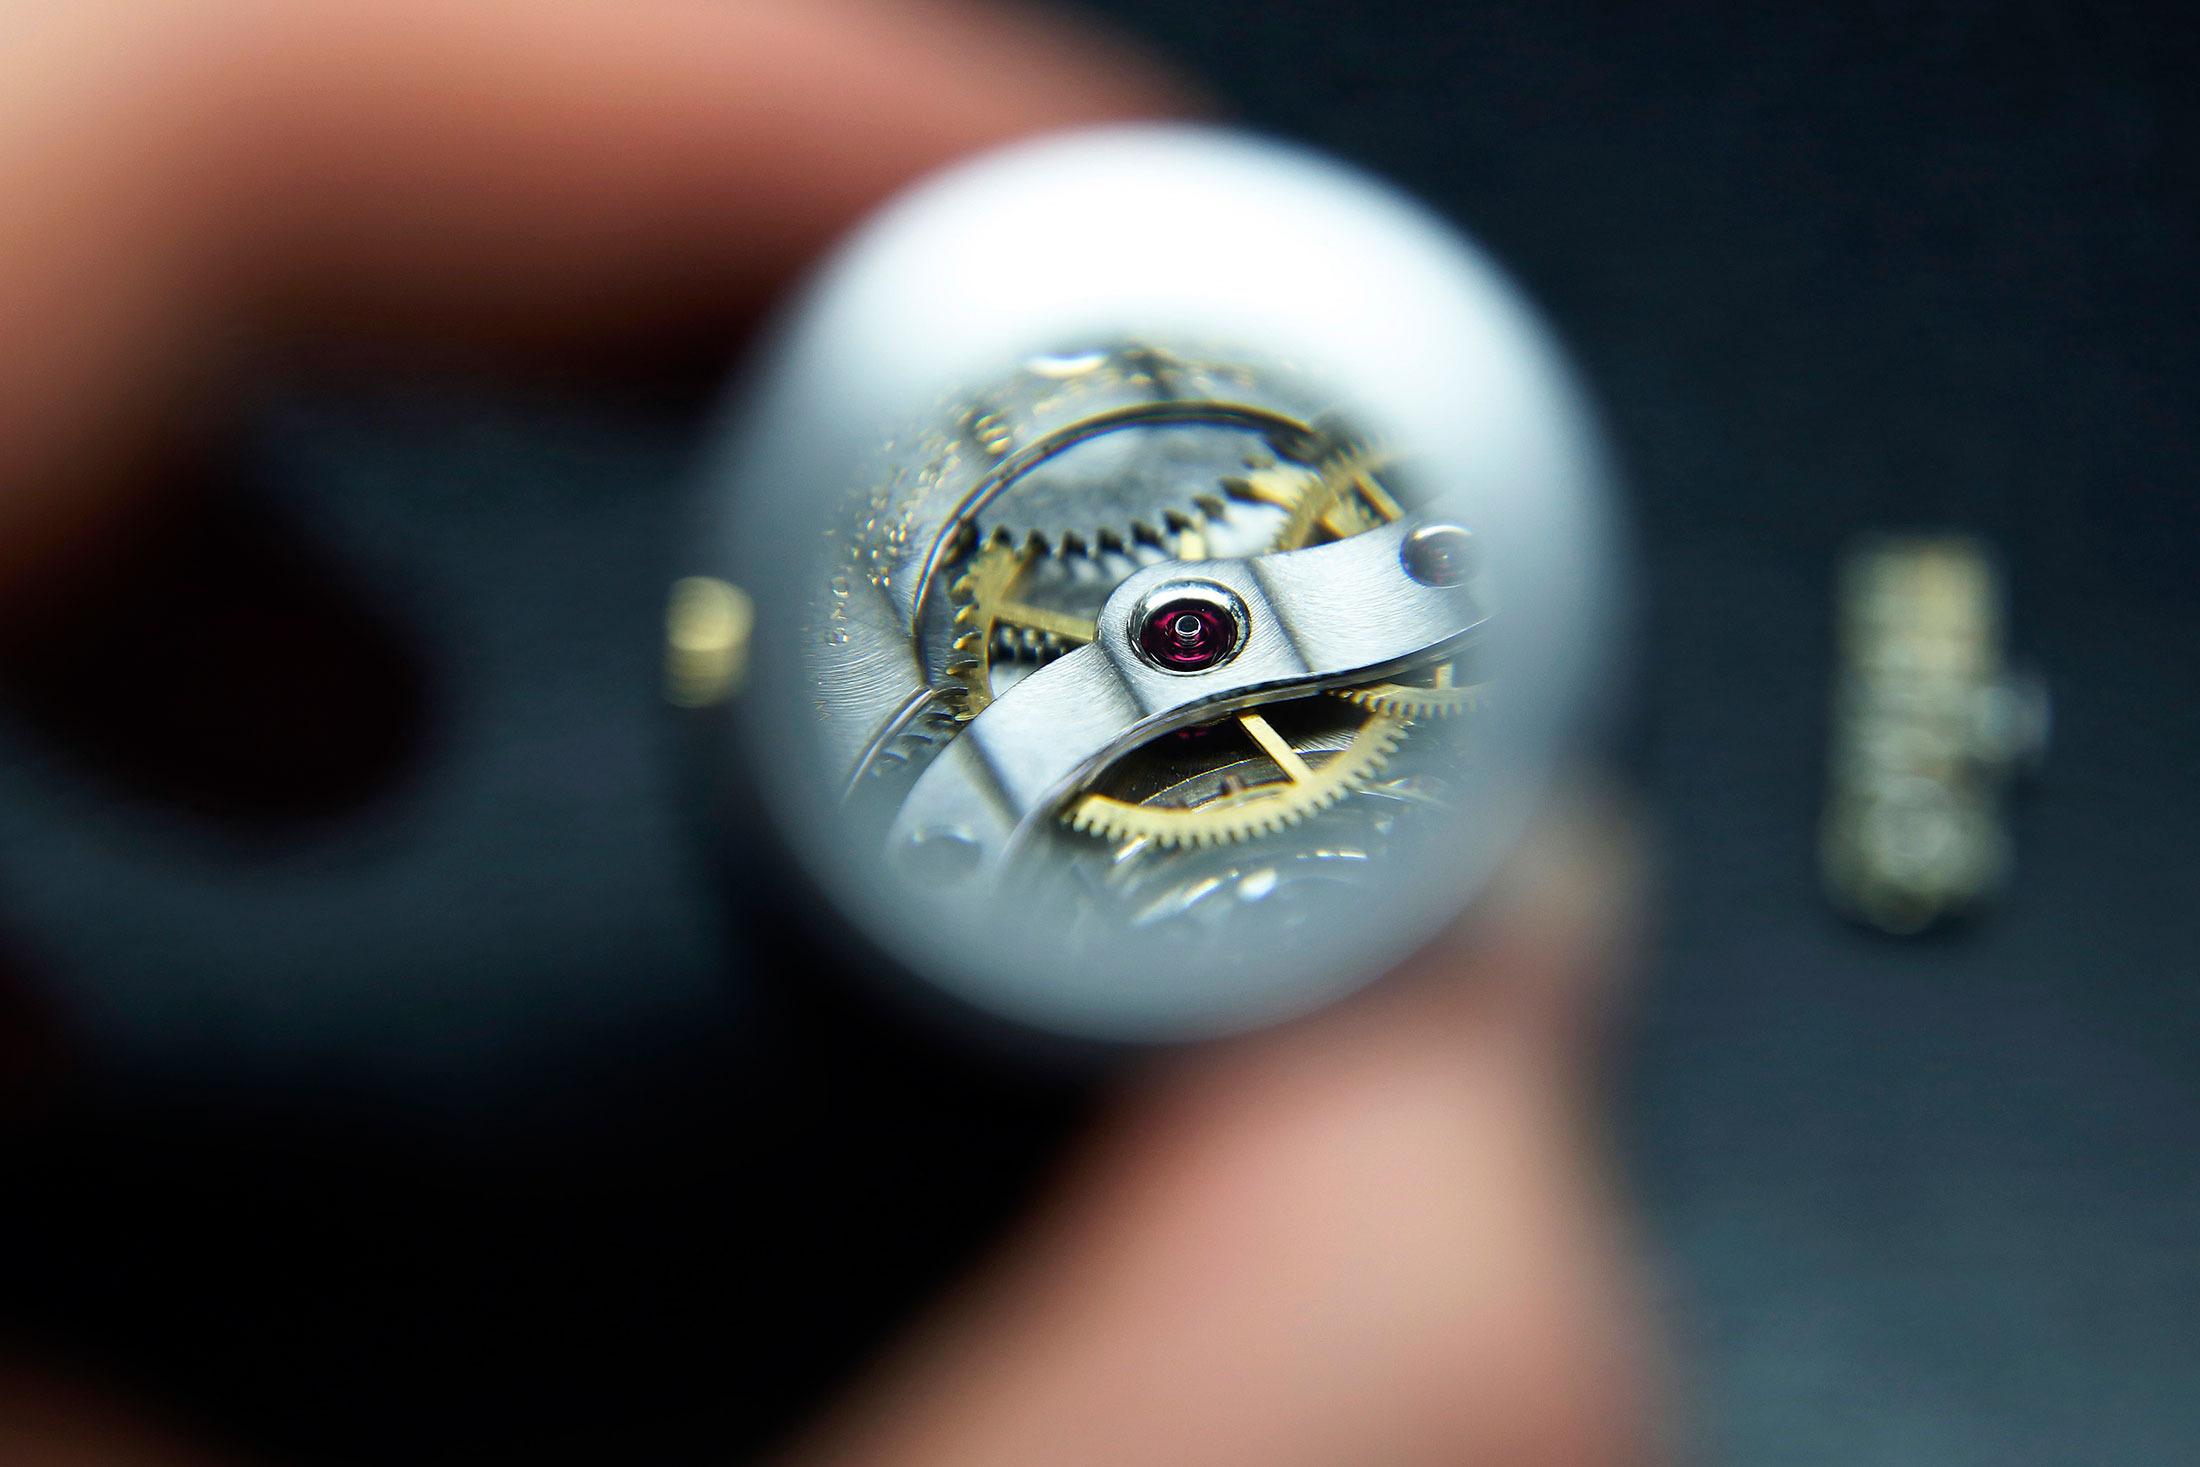 0200e96503c relojoeiro-executa-acabamento-a-mao-em-relogios-finos - Compro Ouro BH -  Venda seu ouro e joia e faça dinheiro. Compra de Ouro